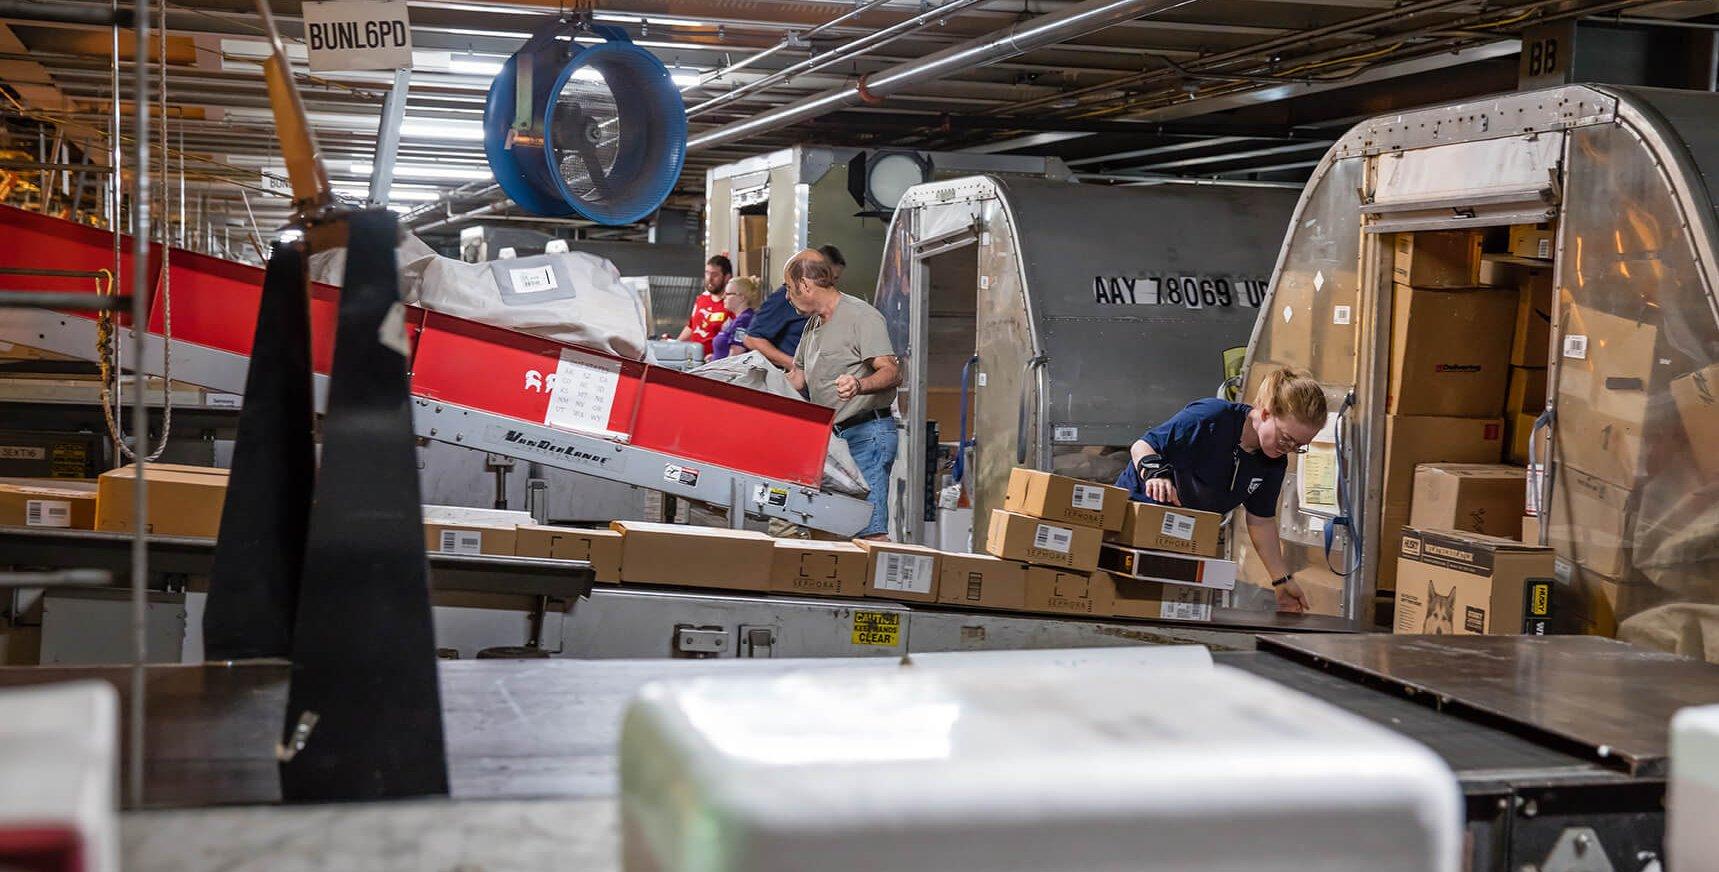 Przygotowania do szczytu paczkowego ruszyły. Firmy chcą zatrudniać dziesiątki, a nawet setki tysięcy pracowników